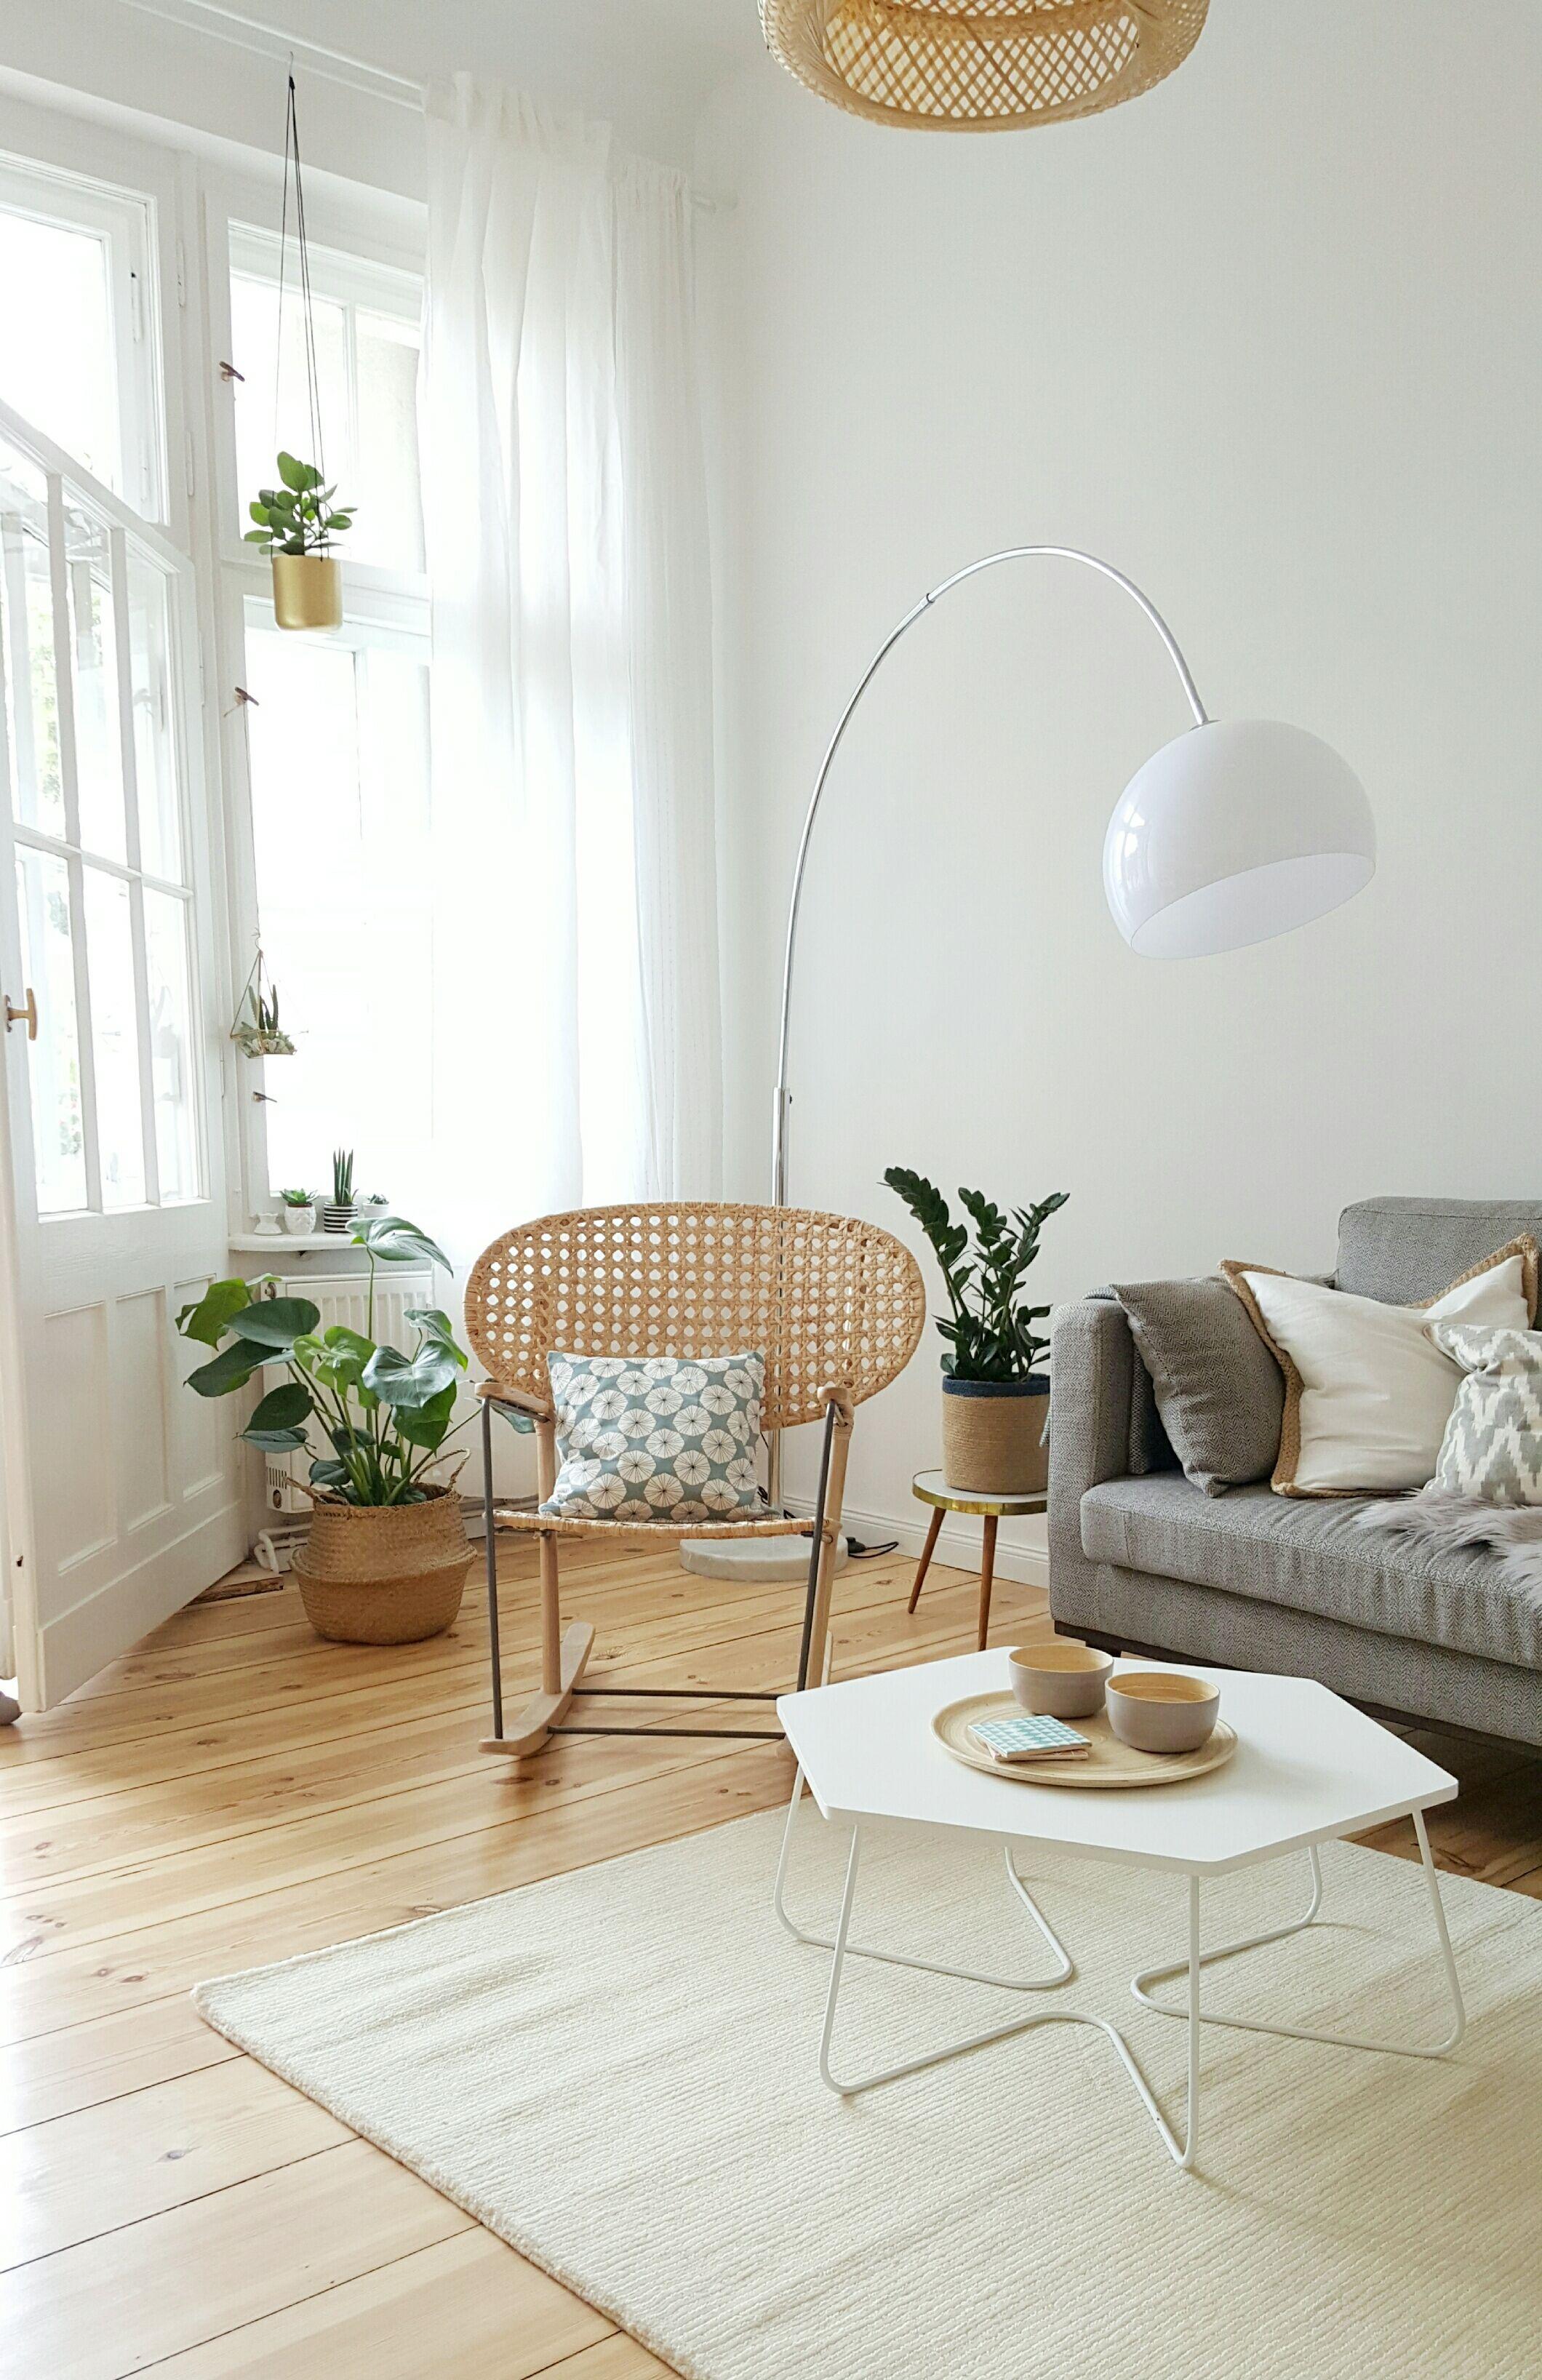 Neue Wohnung   Neuer Style. Ich Konnte Die Pastellfarben Irgendwie Nicht  Mehr Sehen Und Wollte Mich In Hellen, Natürlichen Farben Einrichten, ...